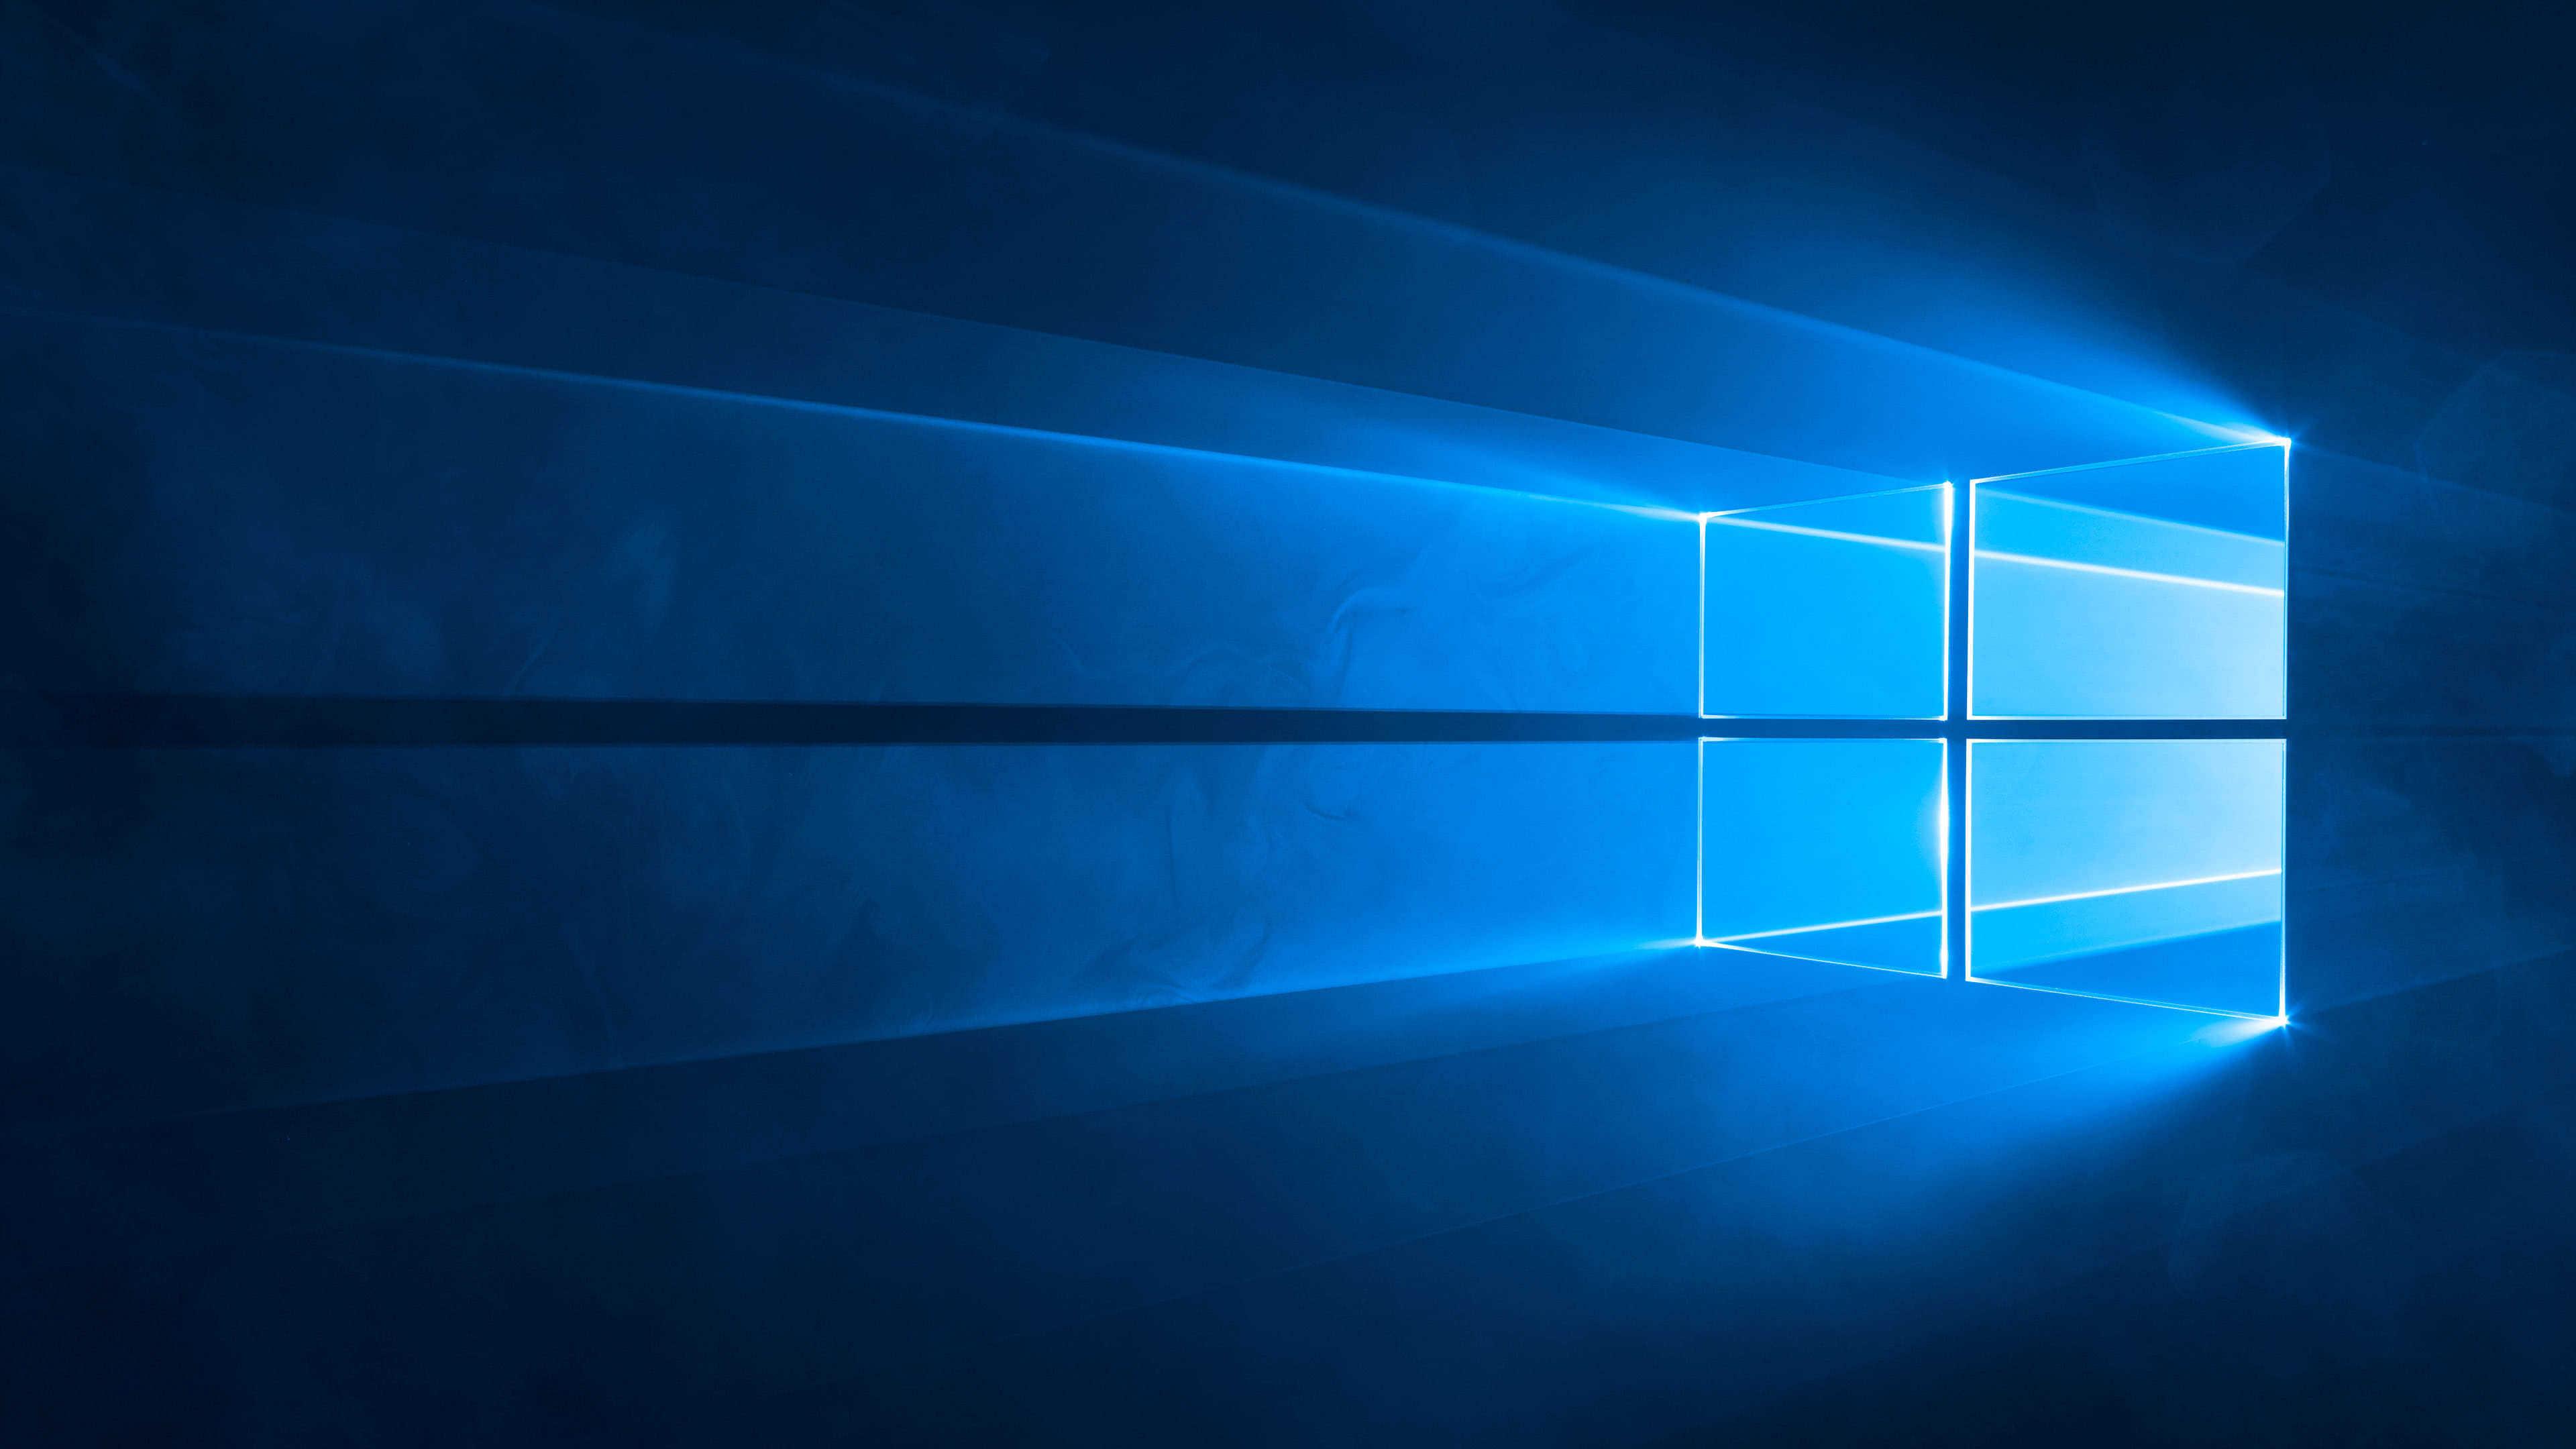 windows 10 logo uhd 4k wallpaper